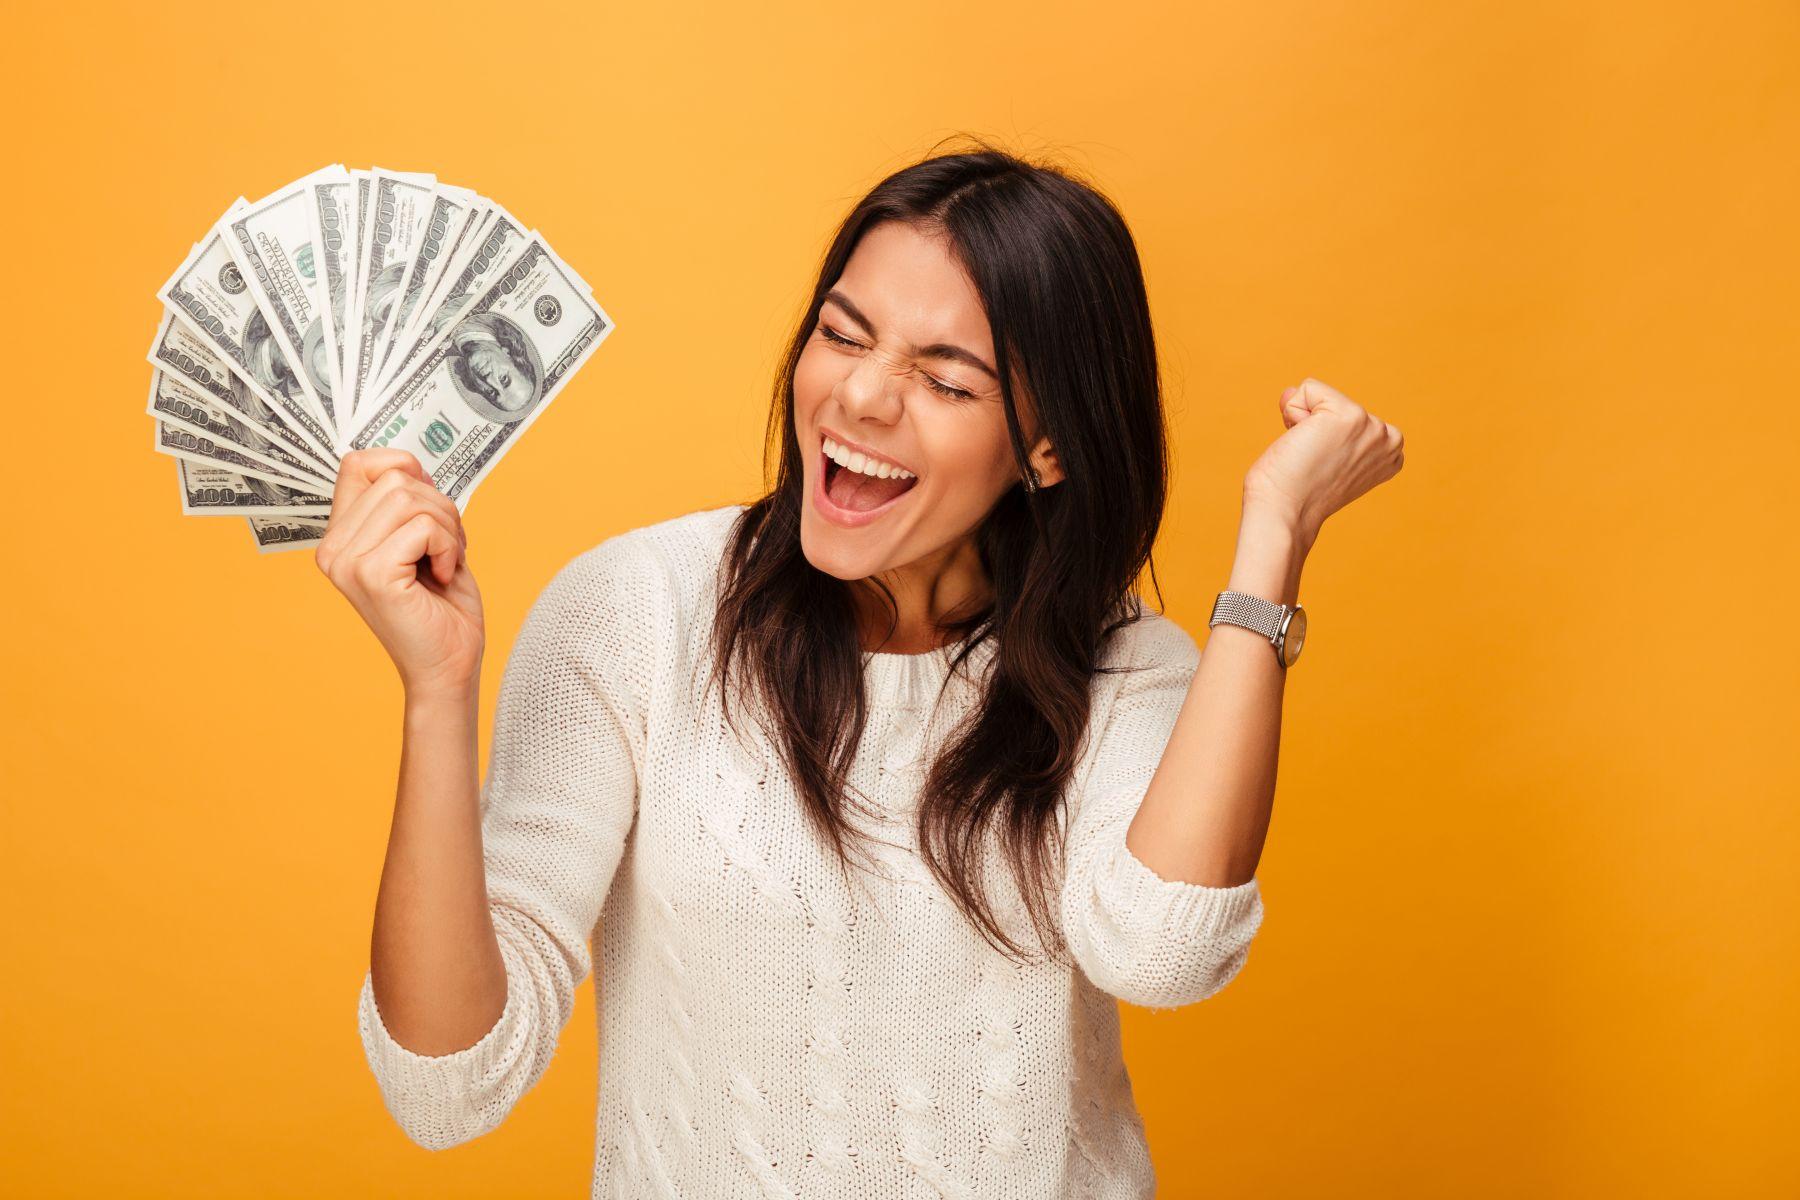 小資族必看!變有錢第一步:學習有錢人都愛用的理財法則